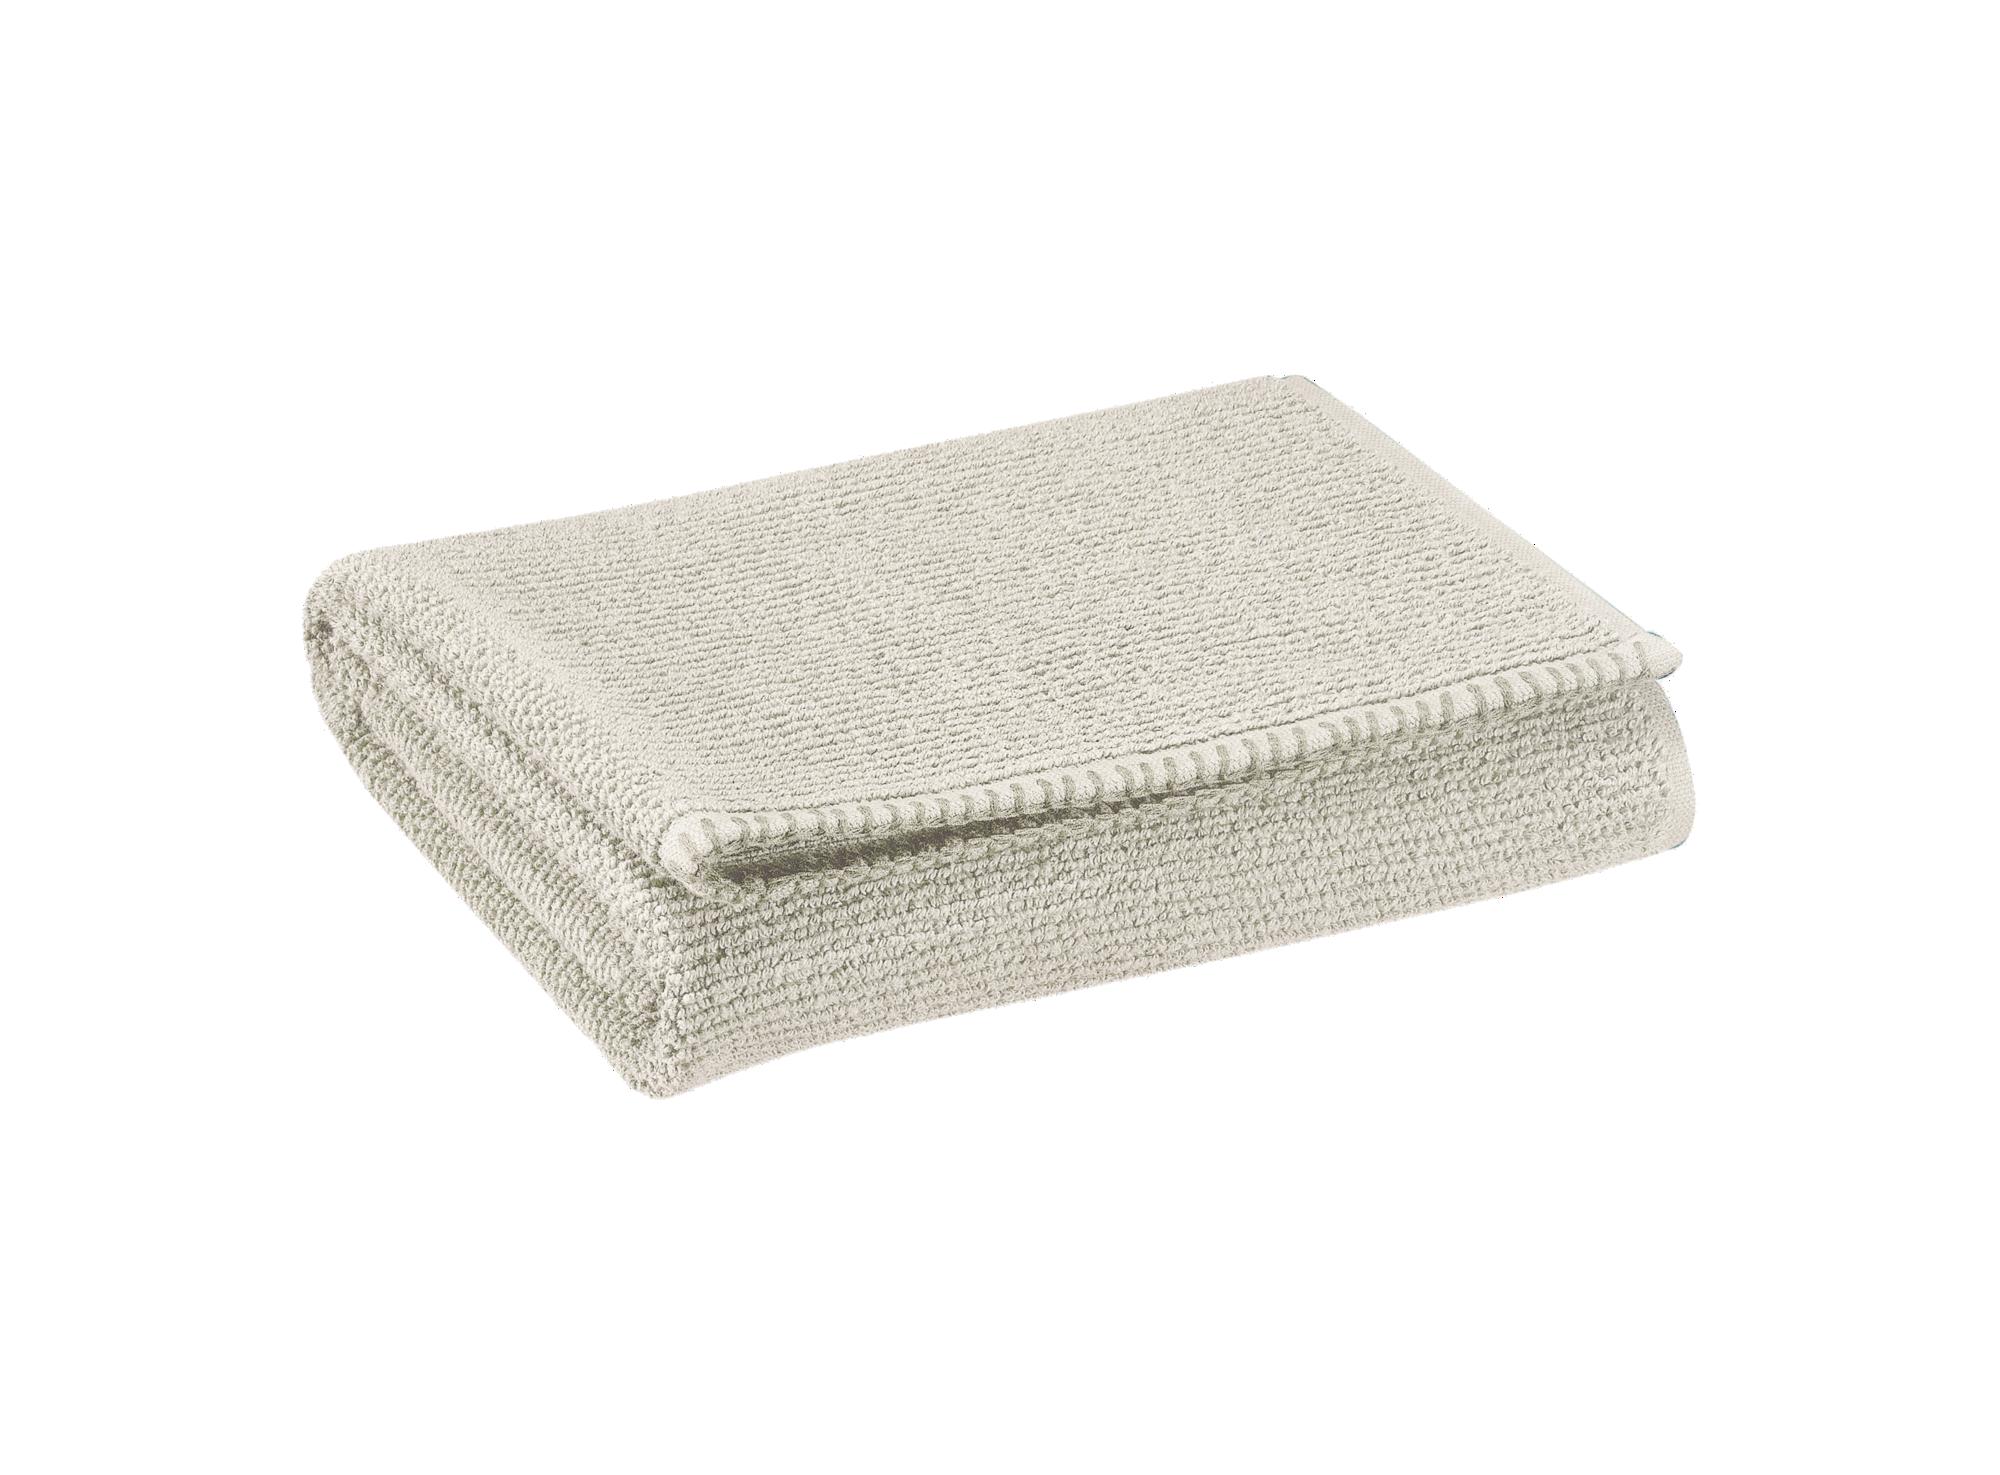 Serviette 70x130 100% coton coloris lin densite 500gr/m2  lavable en  ...